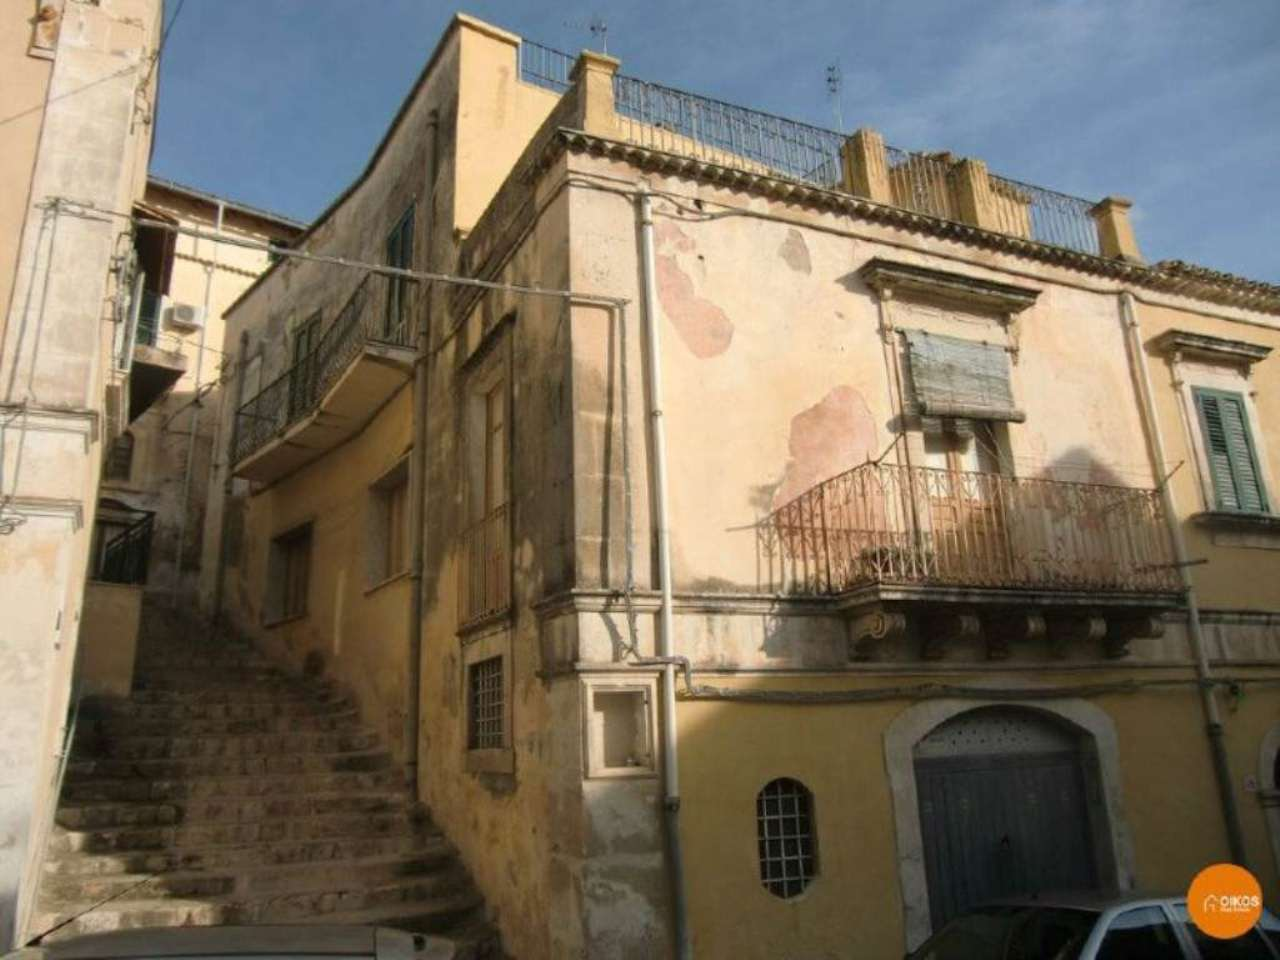 Appartamento in vendita a Noto, 3 locali, prezzo € 80.000 | Cambio Casa.it